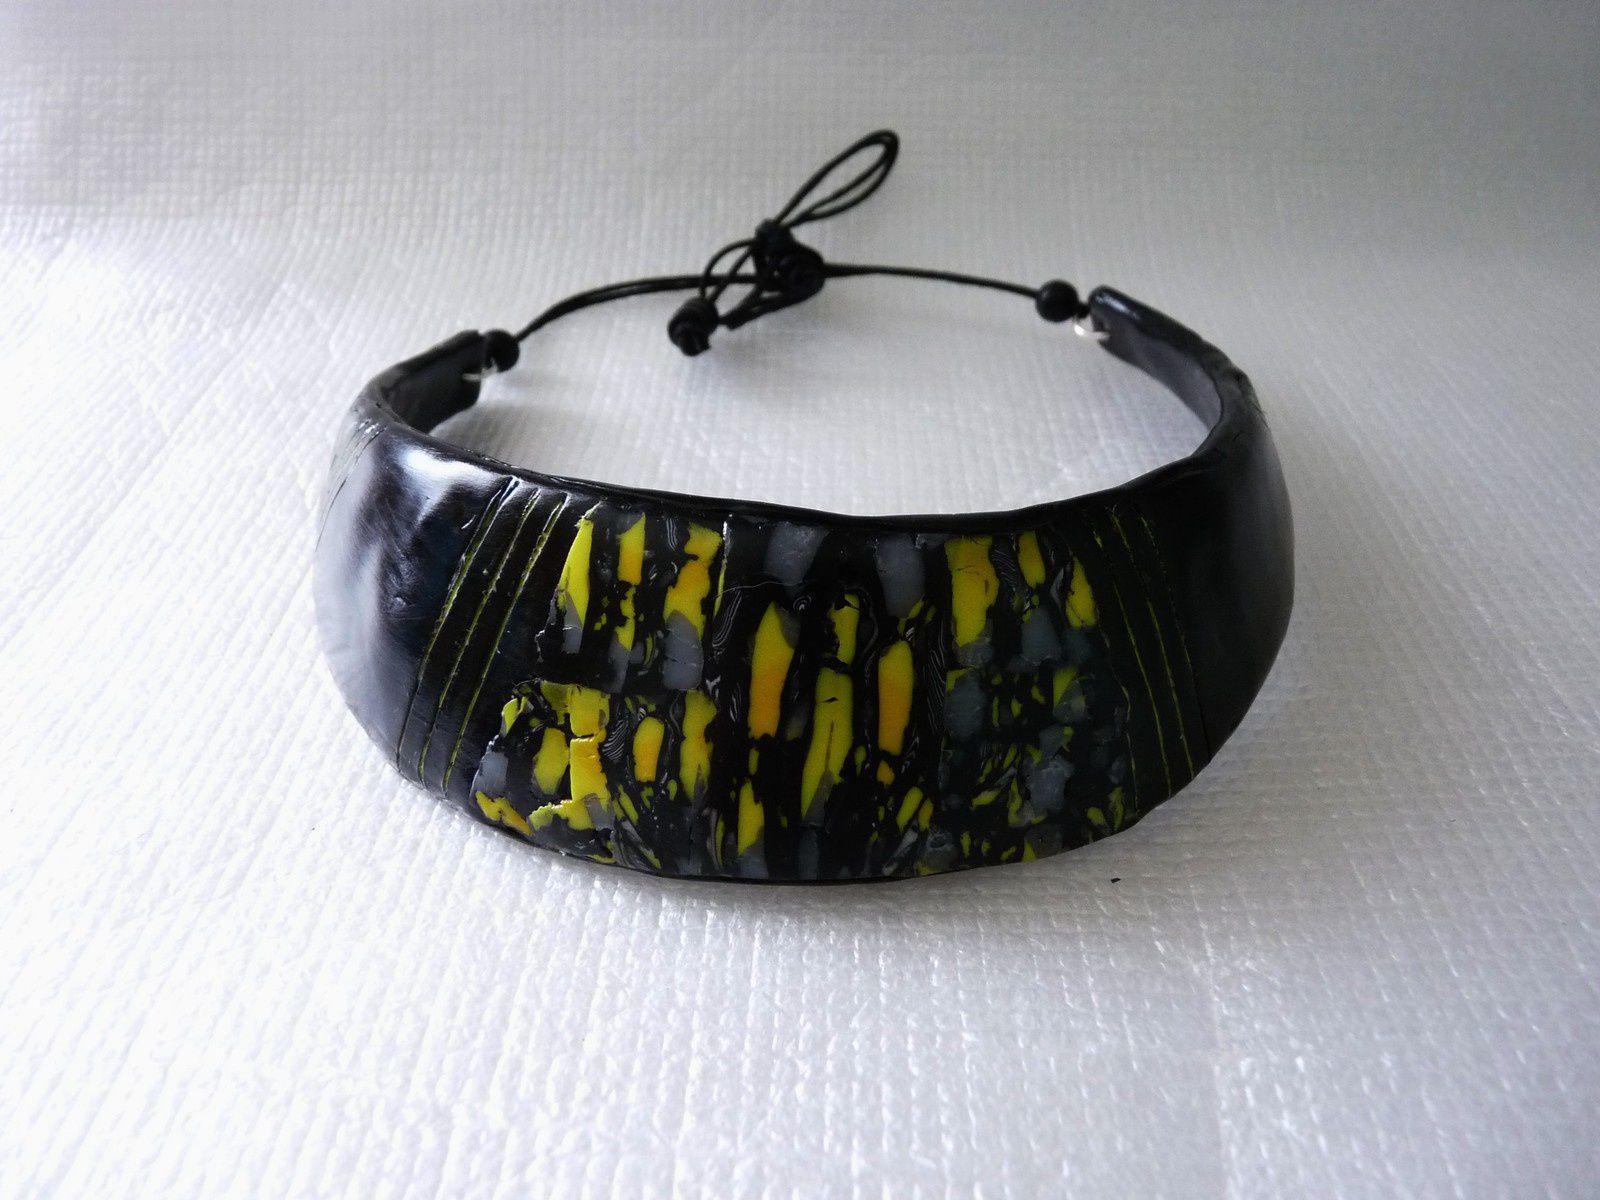 Une série dans les tons noir et jaune toujours avec des restes de pâte   15€ le bracelet - 5€ la bague carrée - 4€ l'anneau - 8€ le bracelet jonc - collier plastron (épuisé)  collier 15€